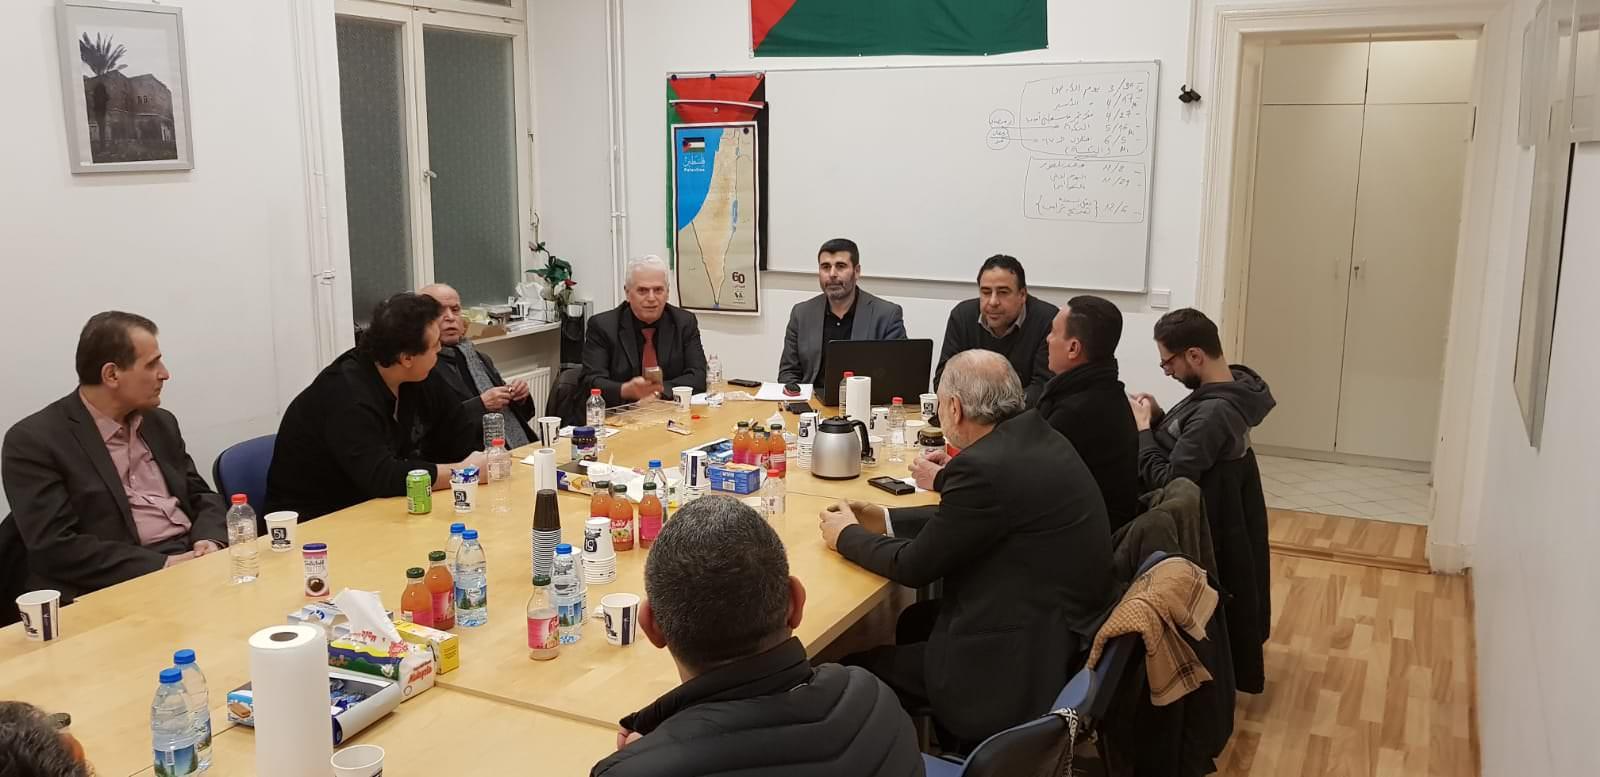 ناقشت هيئة المؤسسات والجمعيات الفلسطينية والعربية في برلين وفِي لقائها الدوري